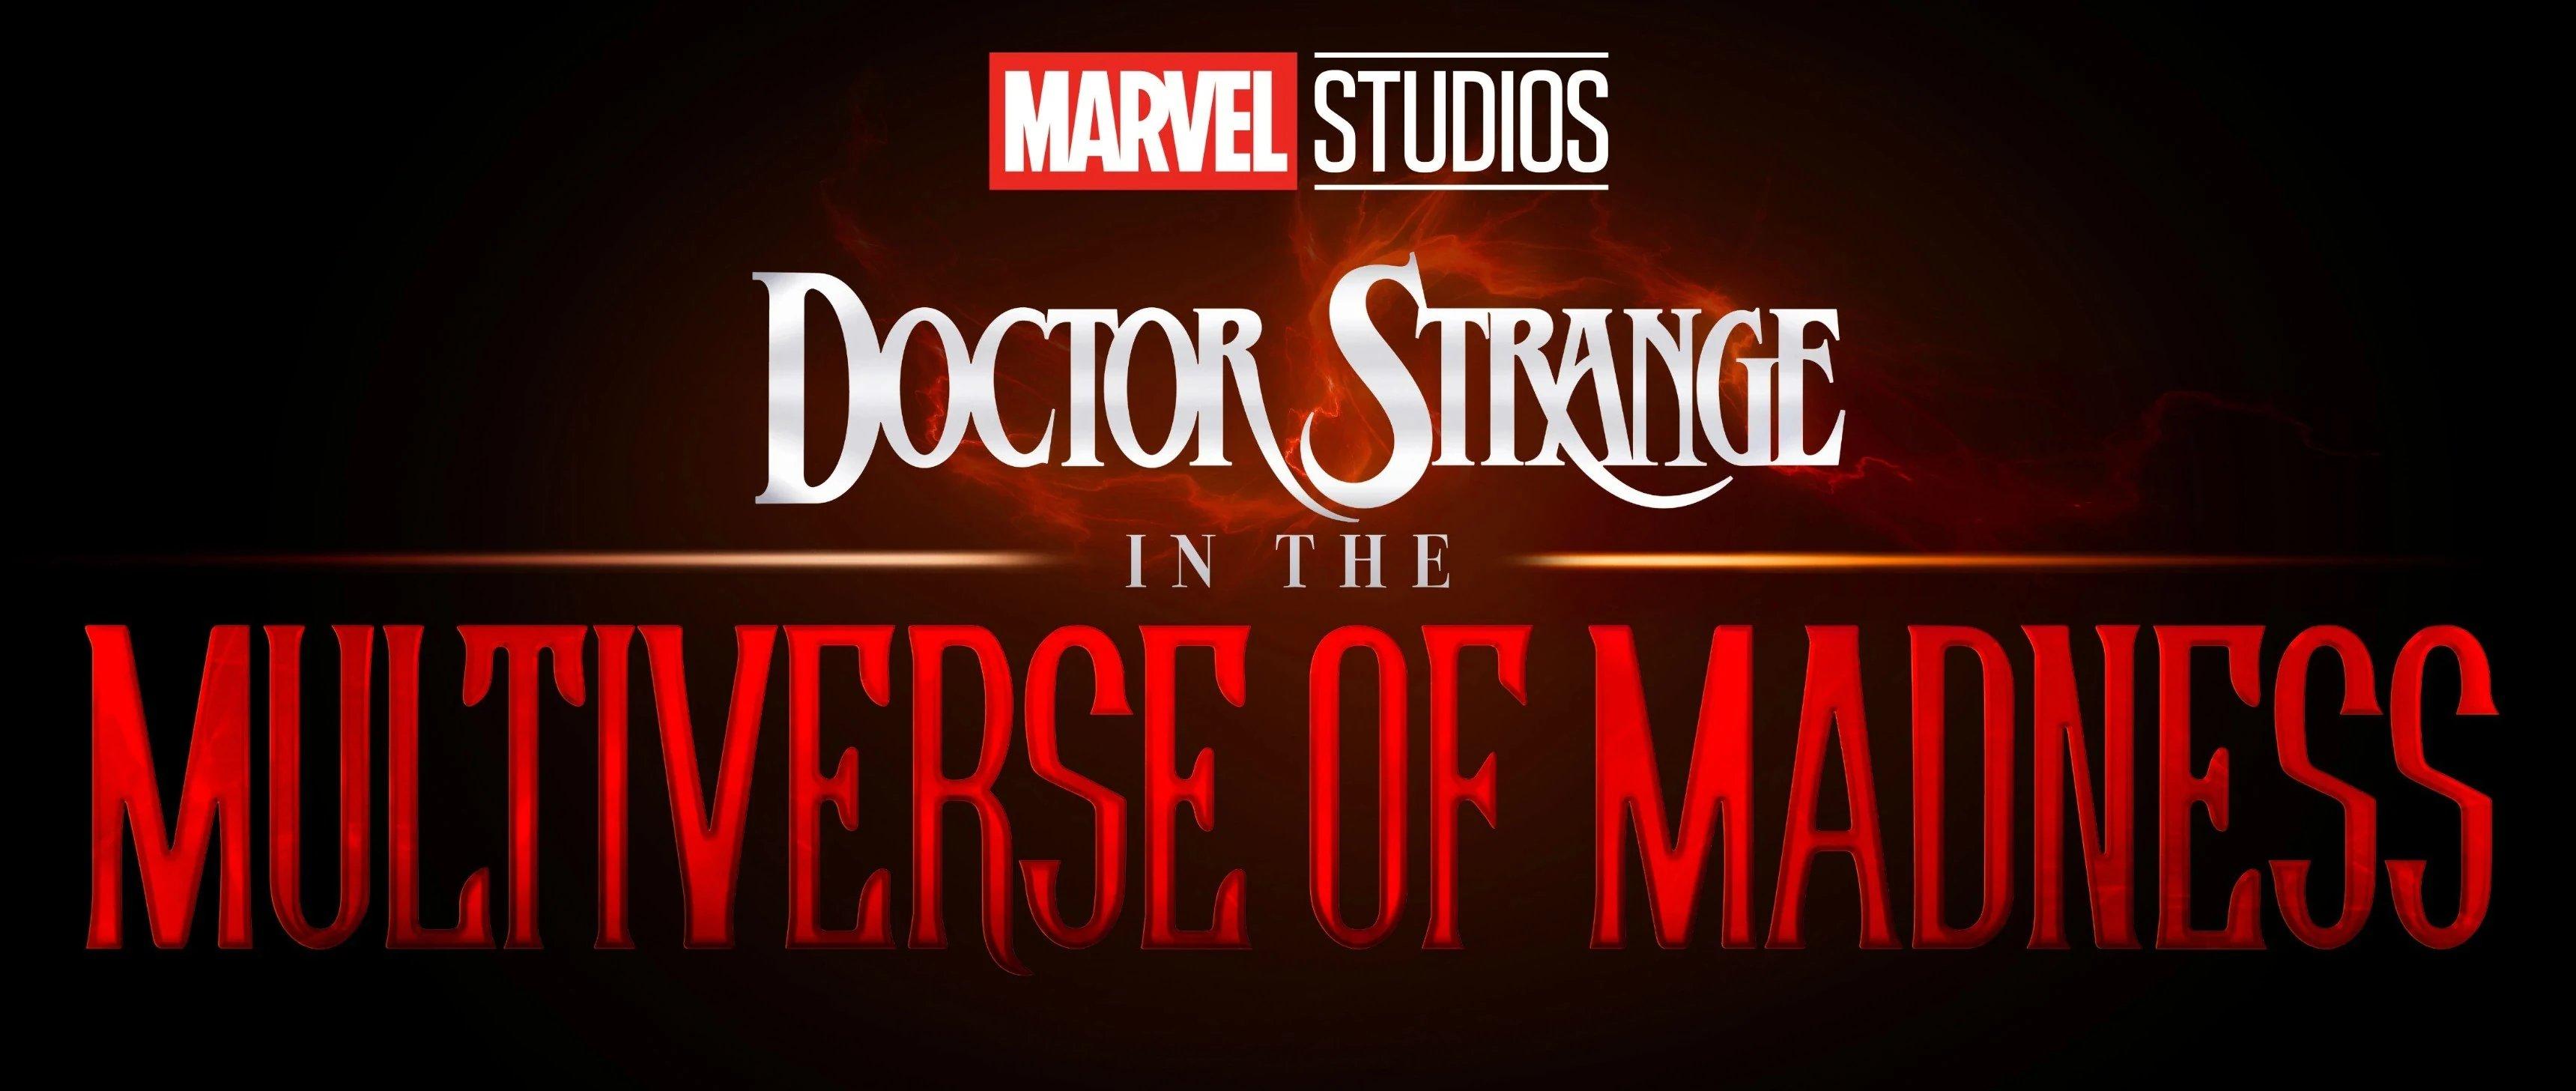 Doutor Estranho 2 estará conectado com WandaVision e Homem-Aranha 3